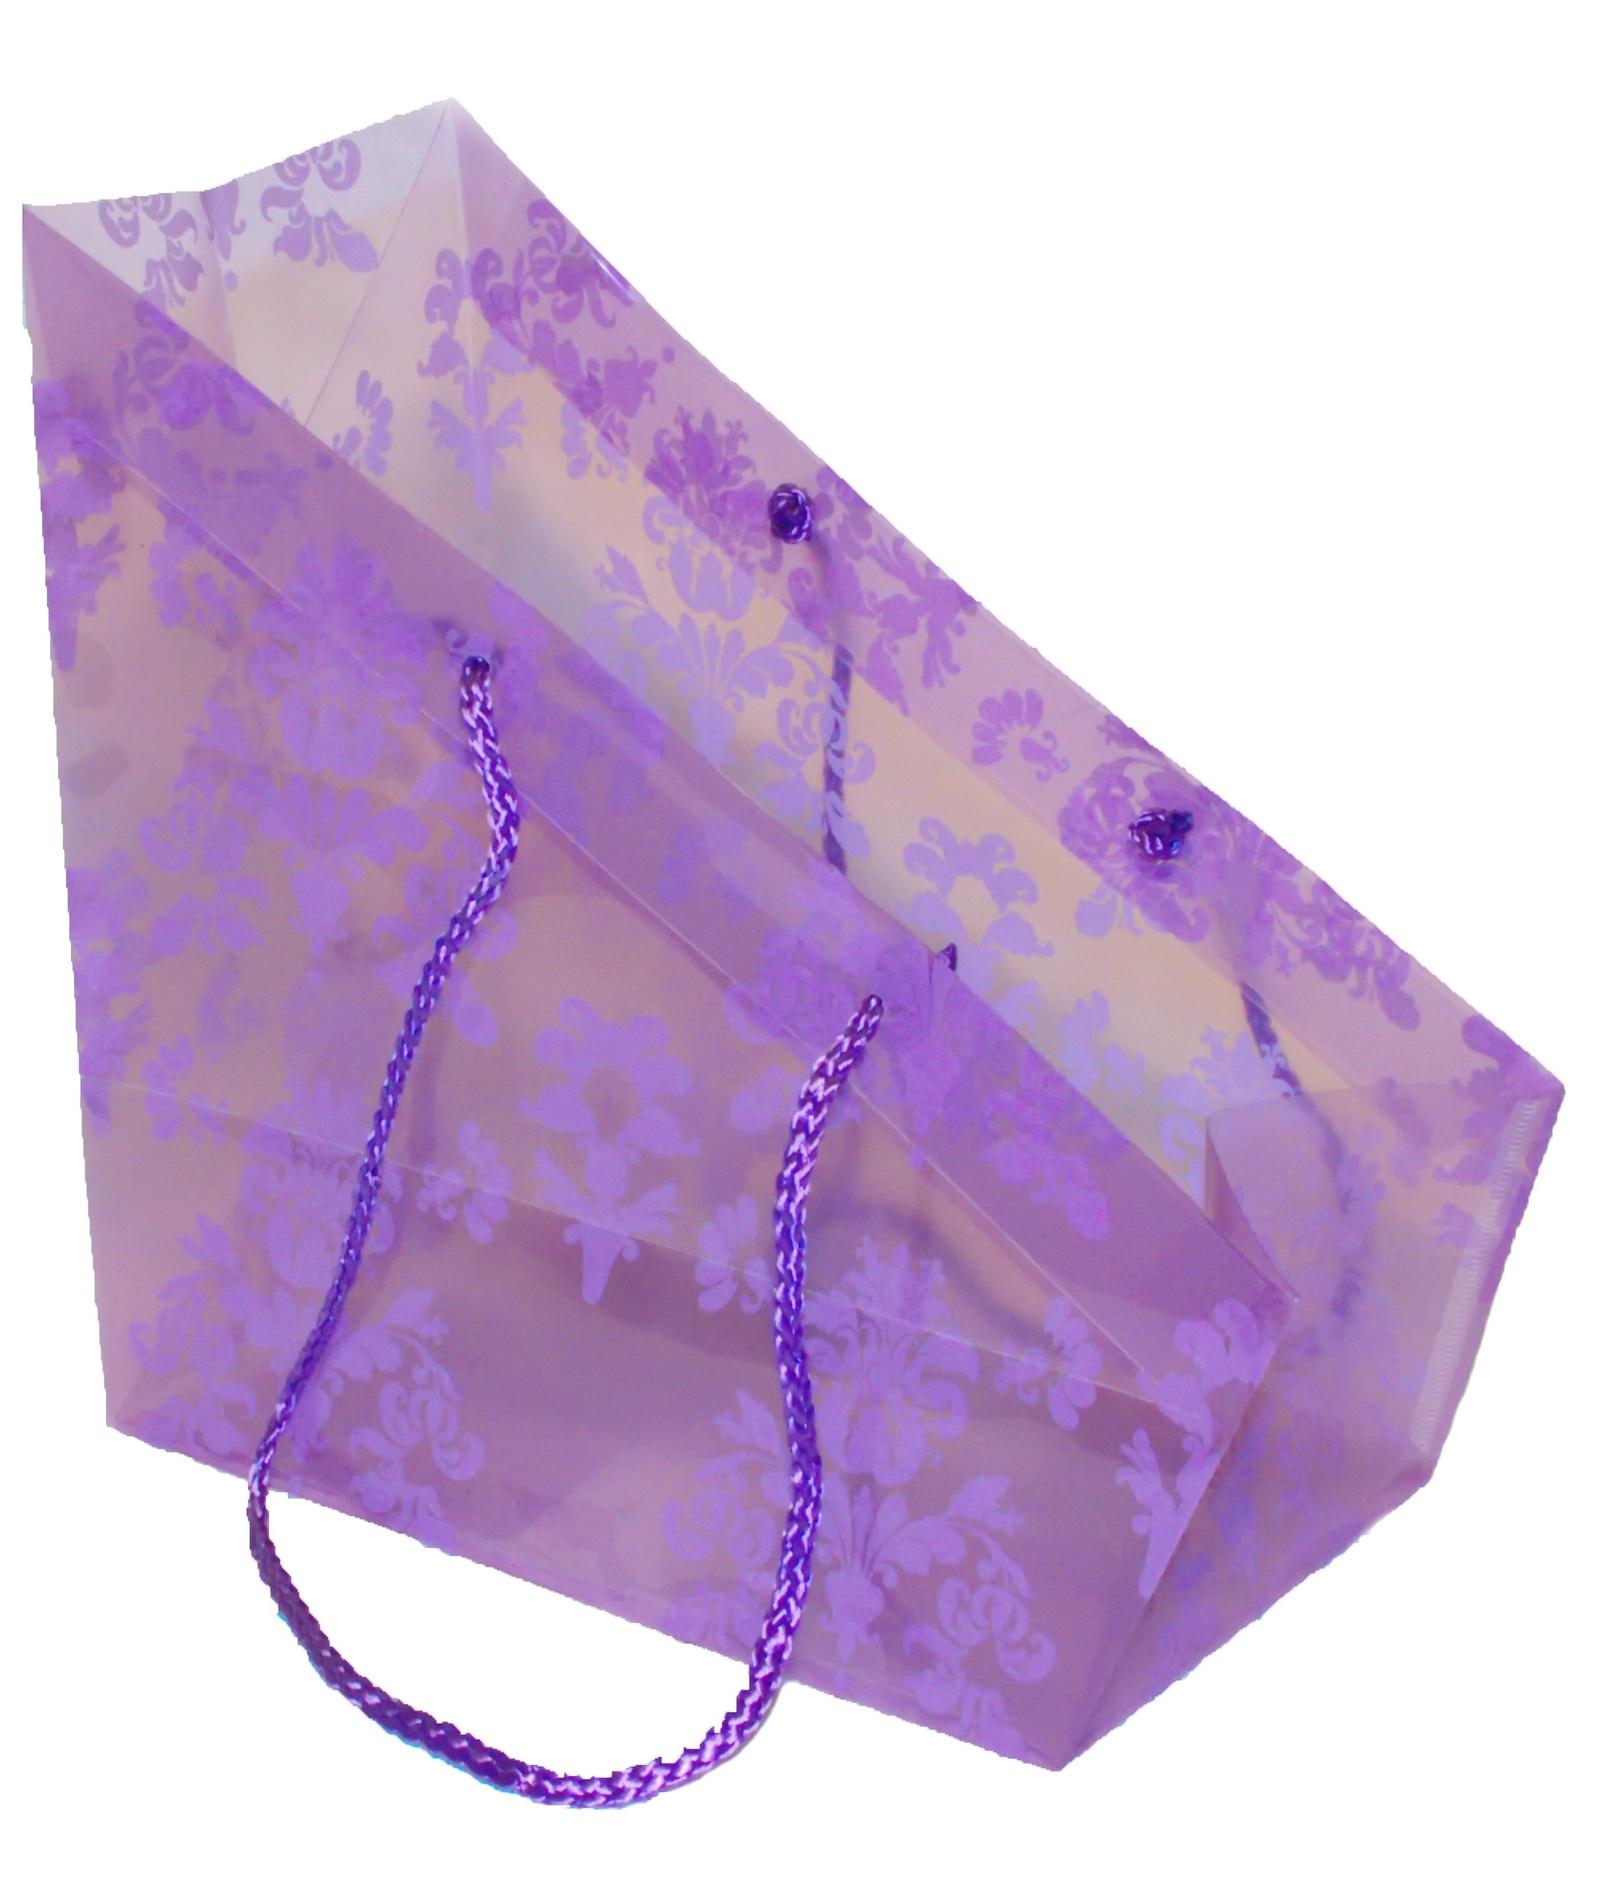 Подарочная упаковка Трапеция, фиолетовый